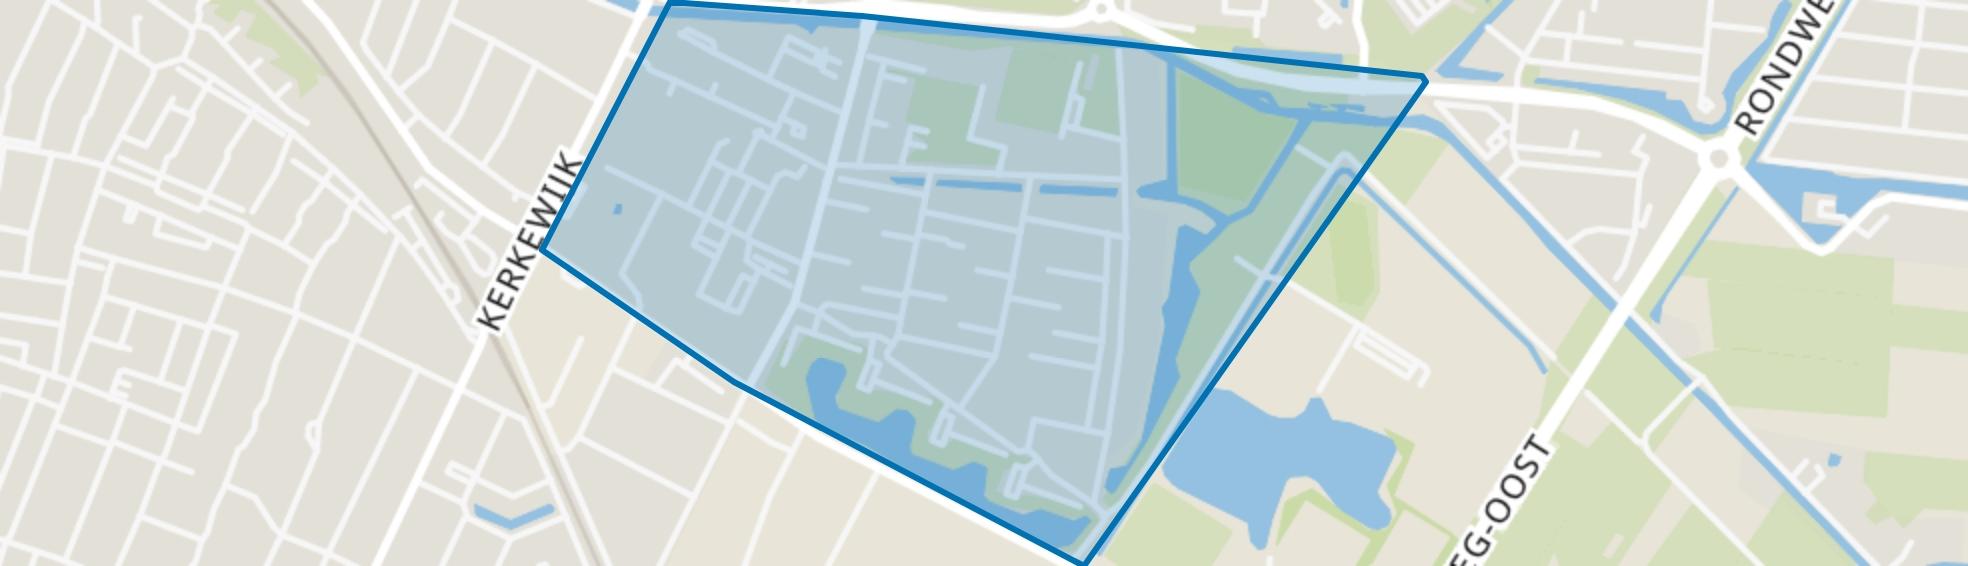 Engelenburg, Veenendaal map